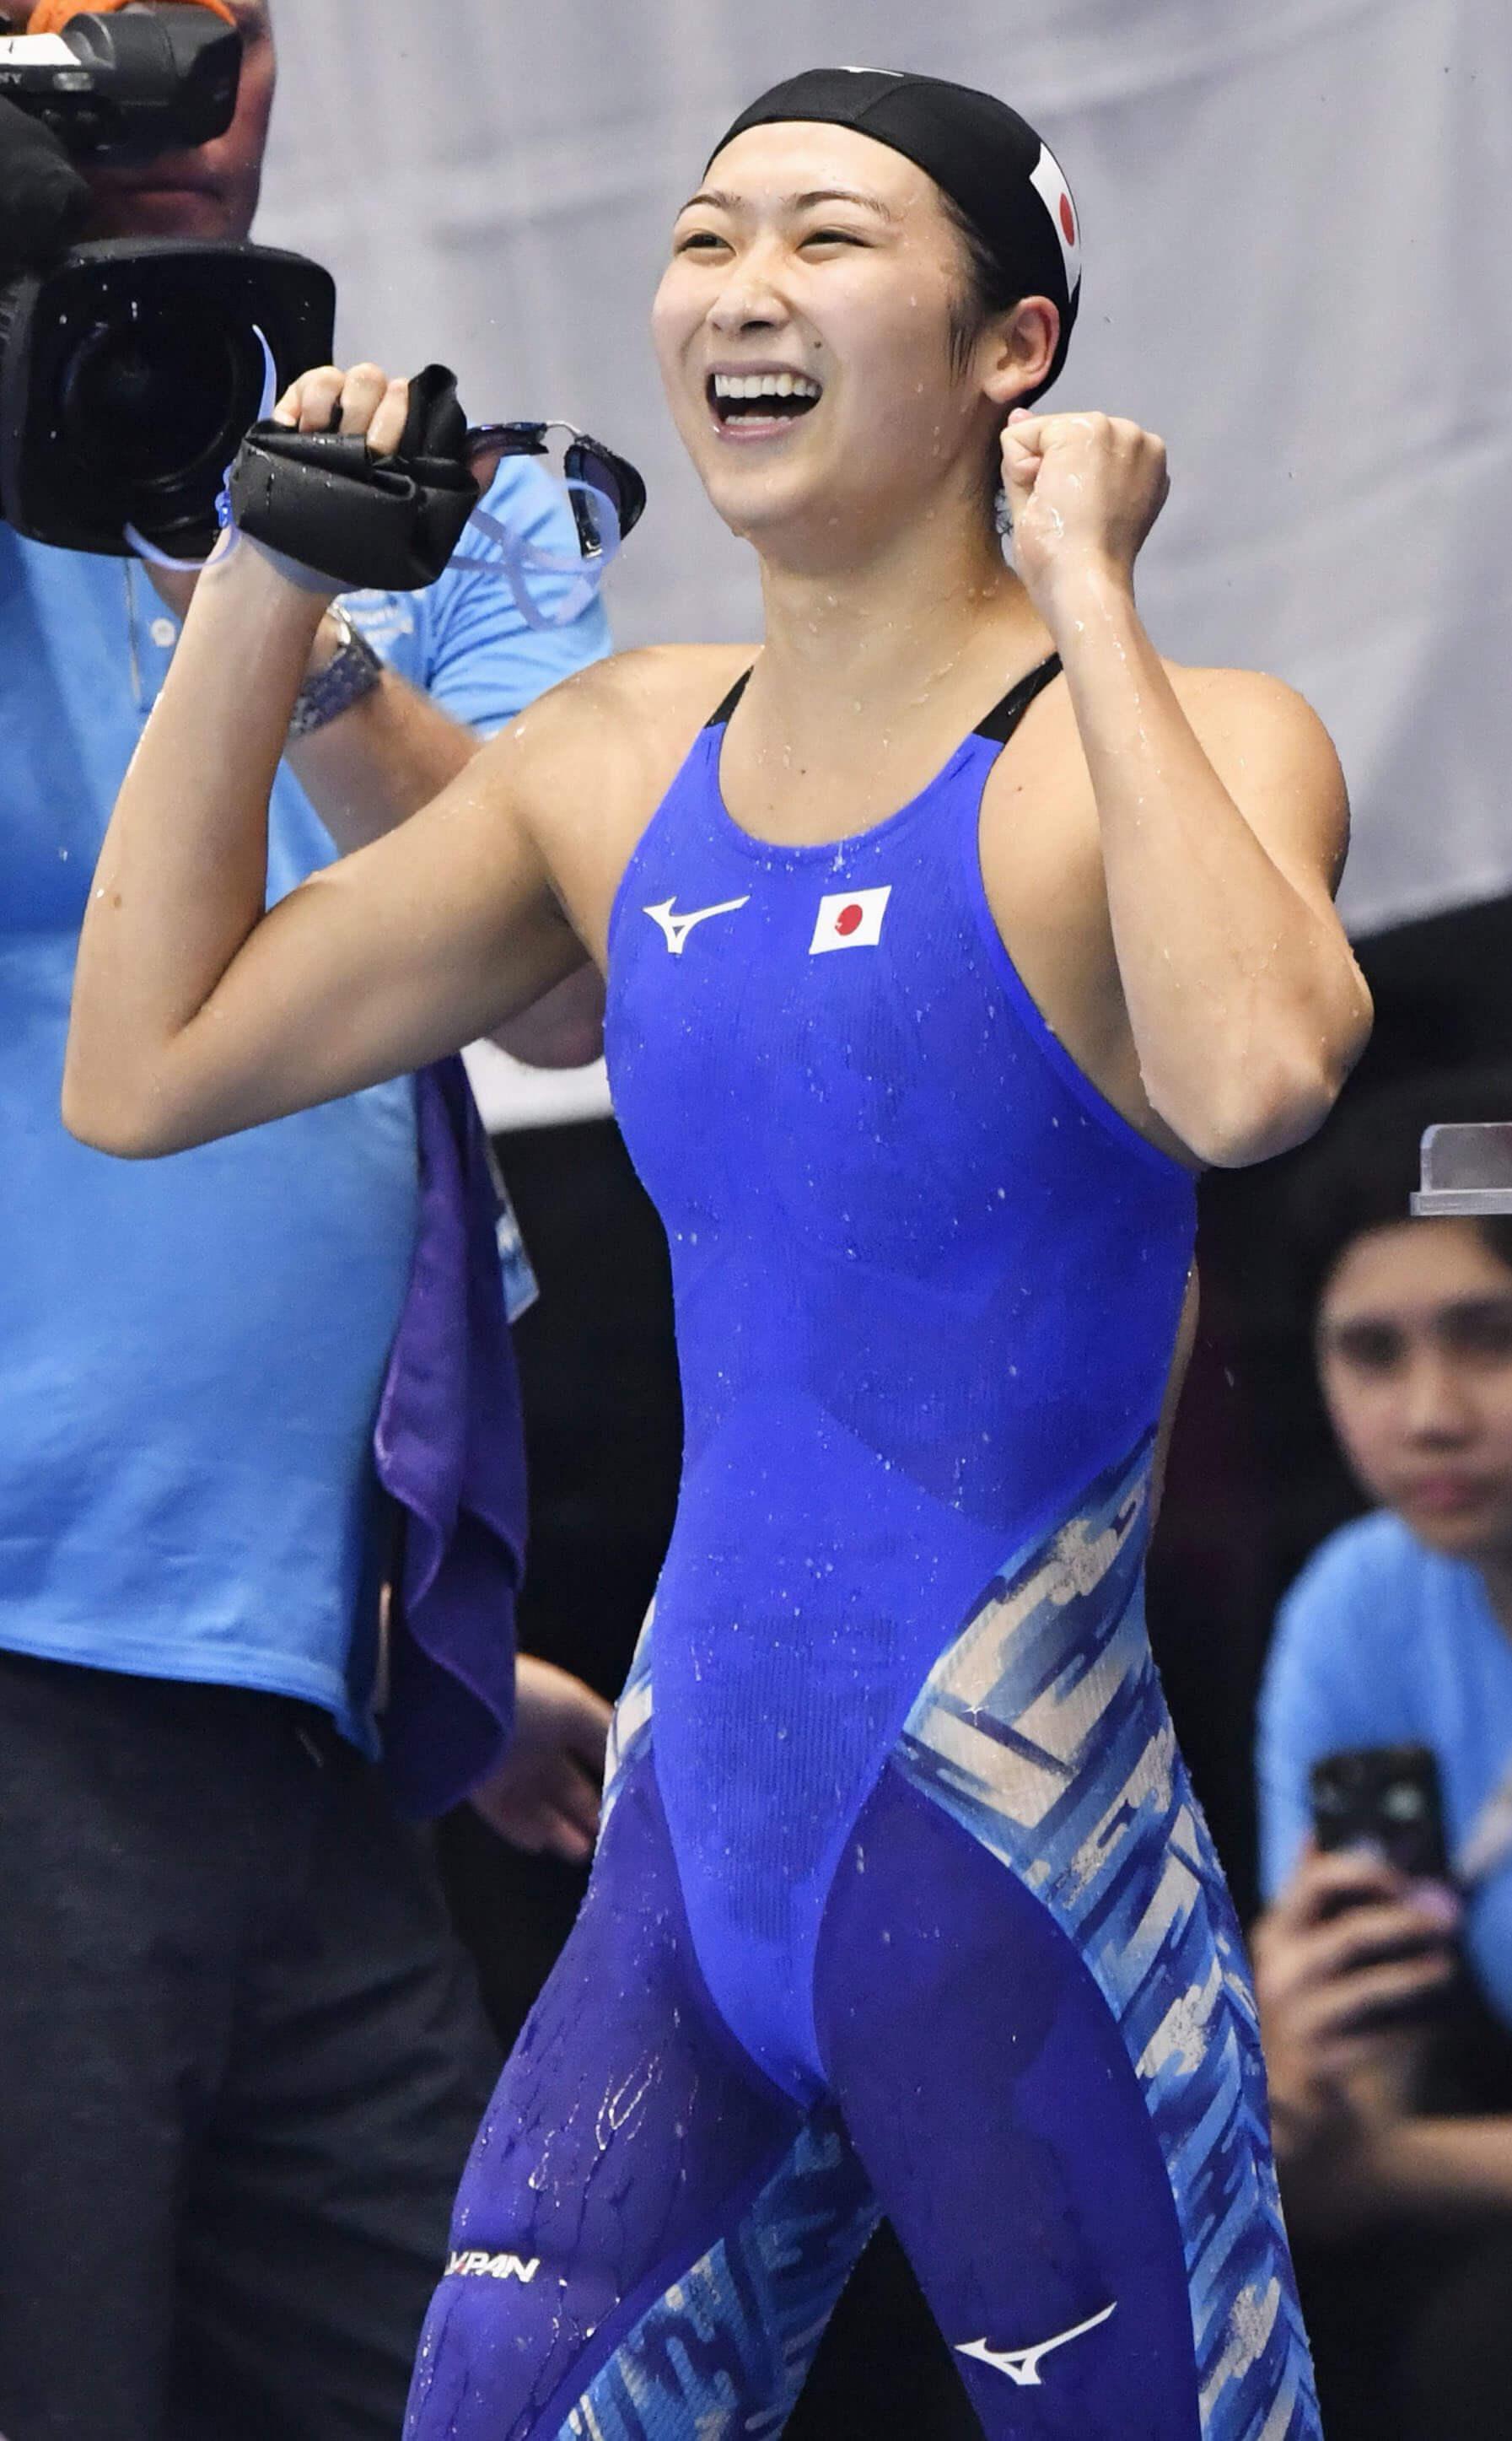 池江璃花子2018年在雅加達—巨港亞運大放異彩,「泳奪」6金、獲選大會MVP。(檔案照片/共同社提供)